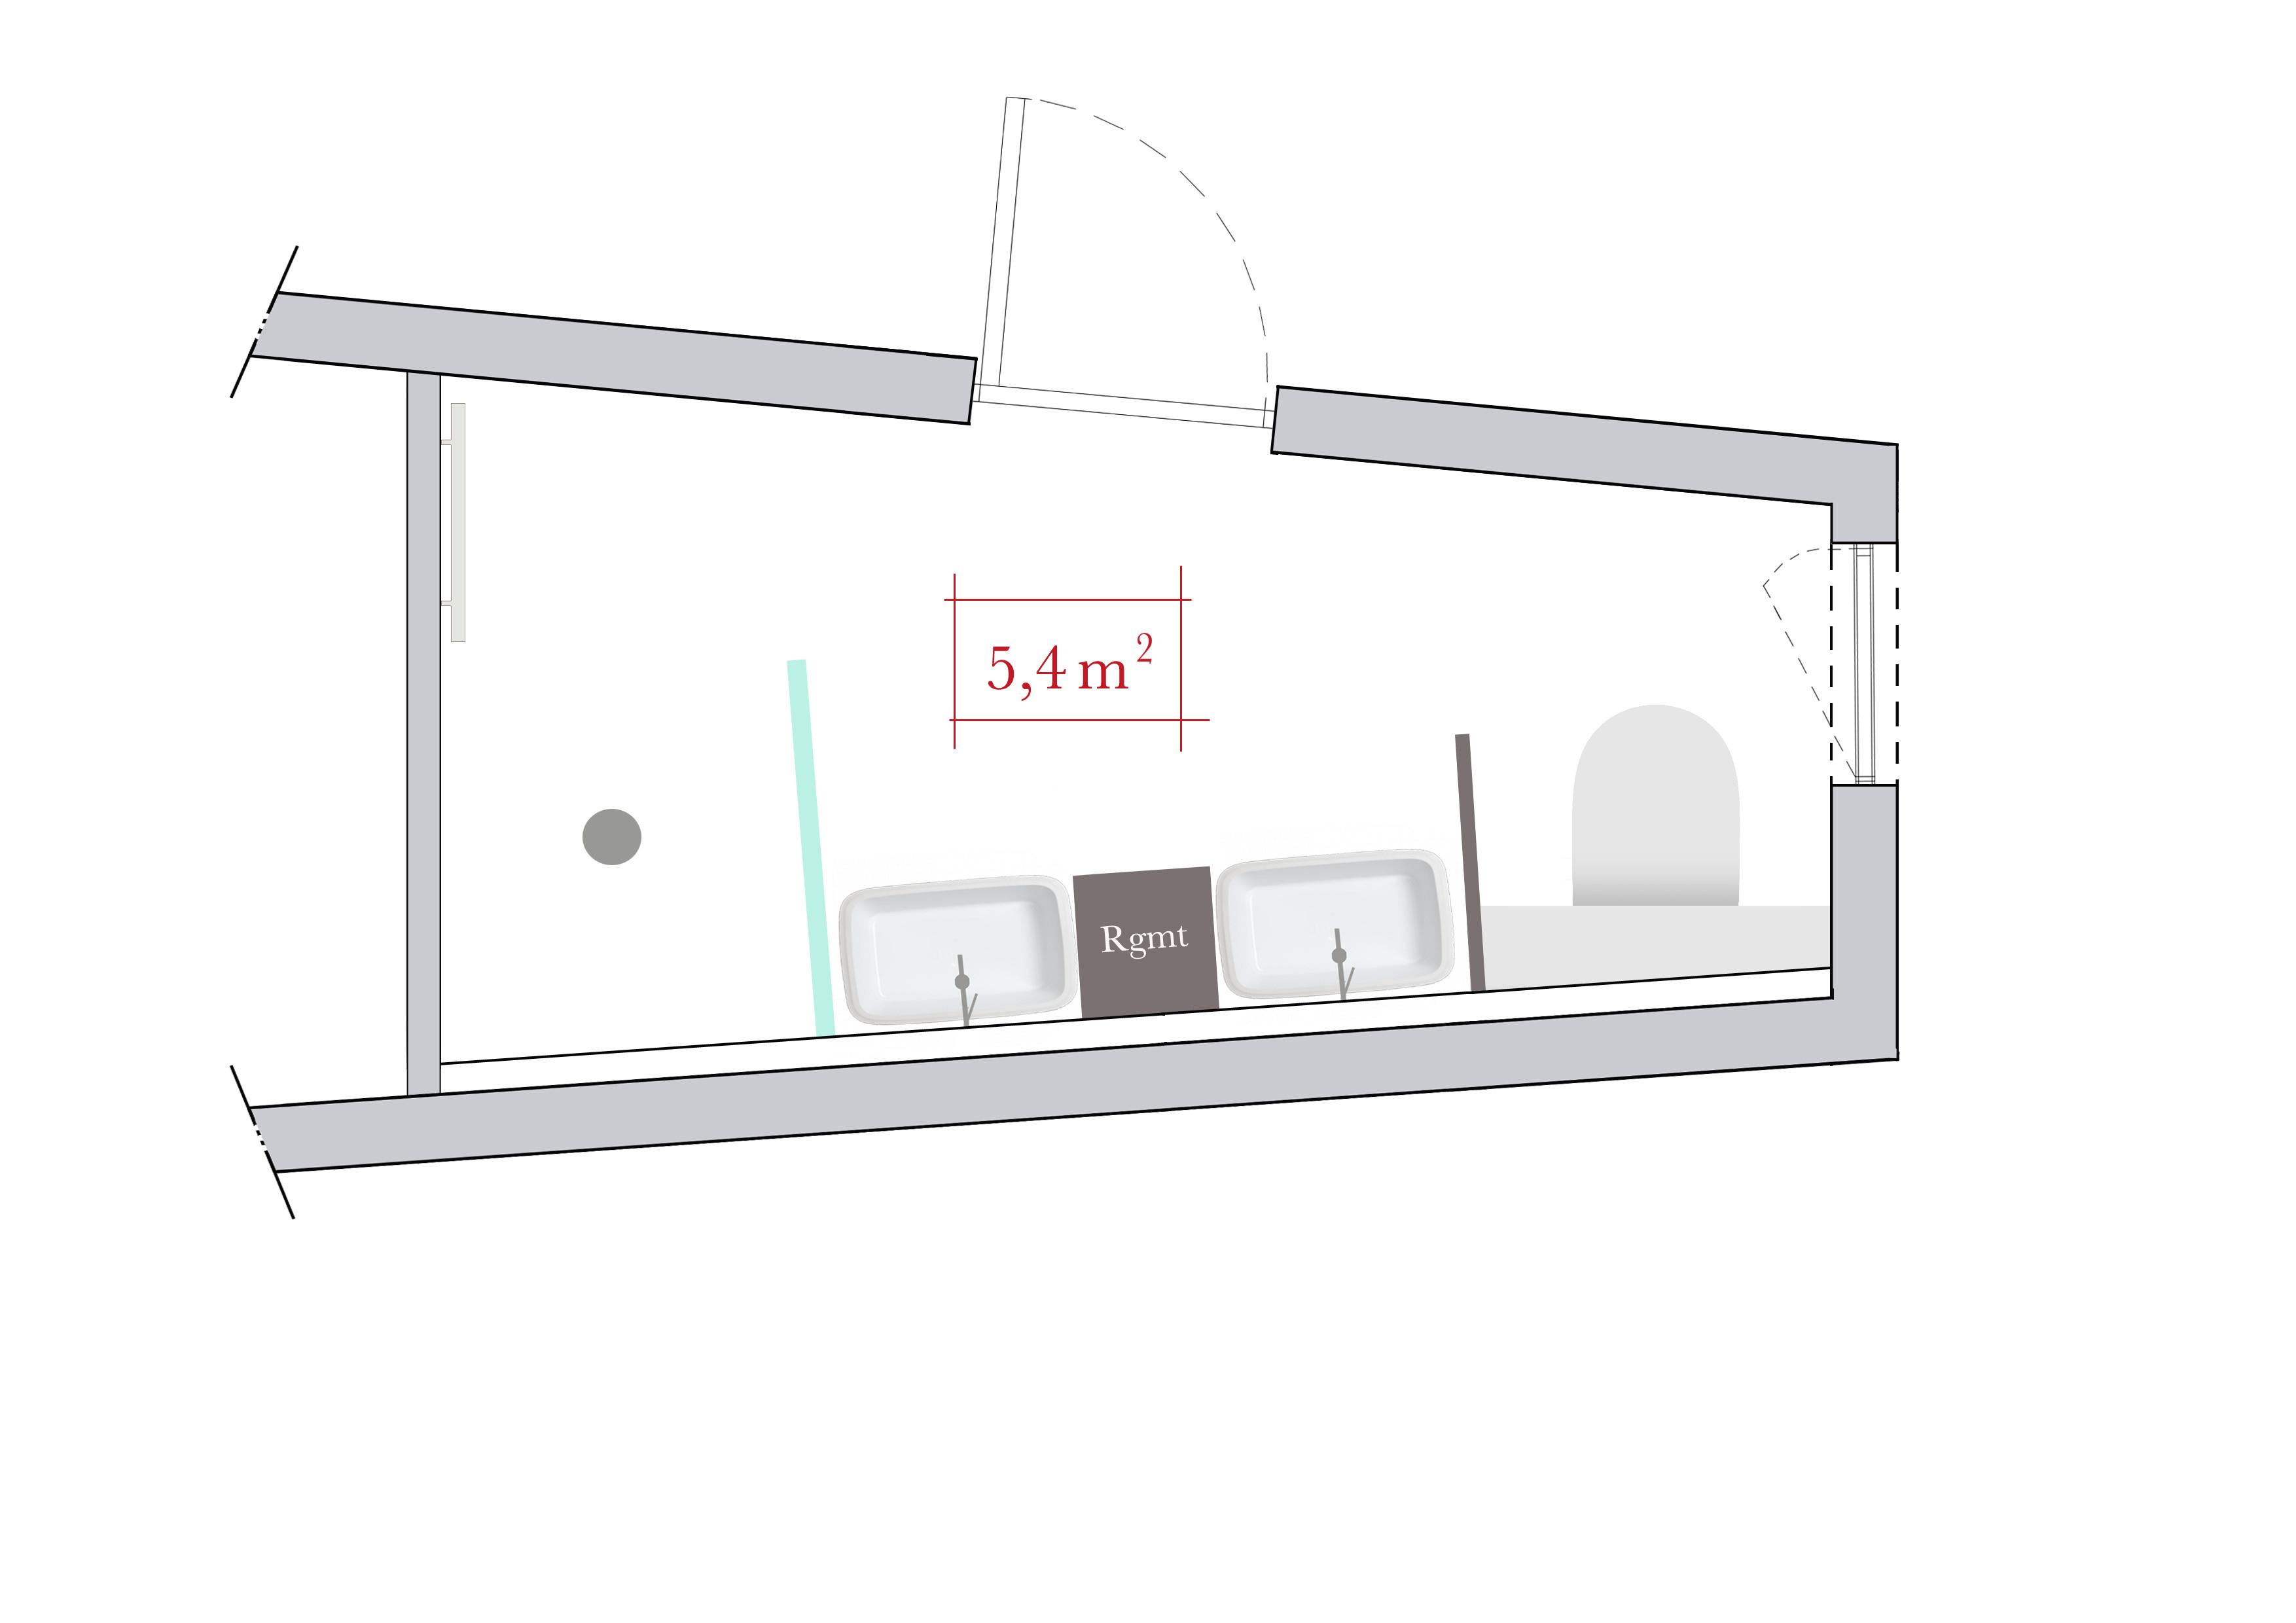 Salle De Bain 7m2 En Longueur Meilleur De Collection Emejing Salle De Bain En Longueur Plan Awesome Interior Avec